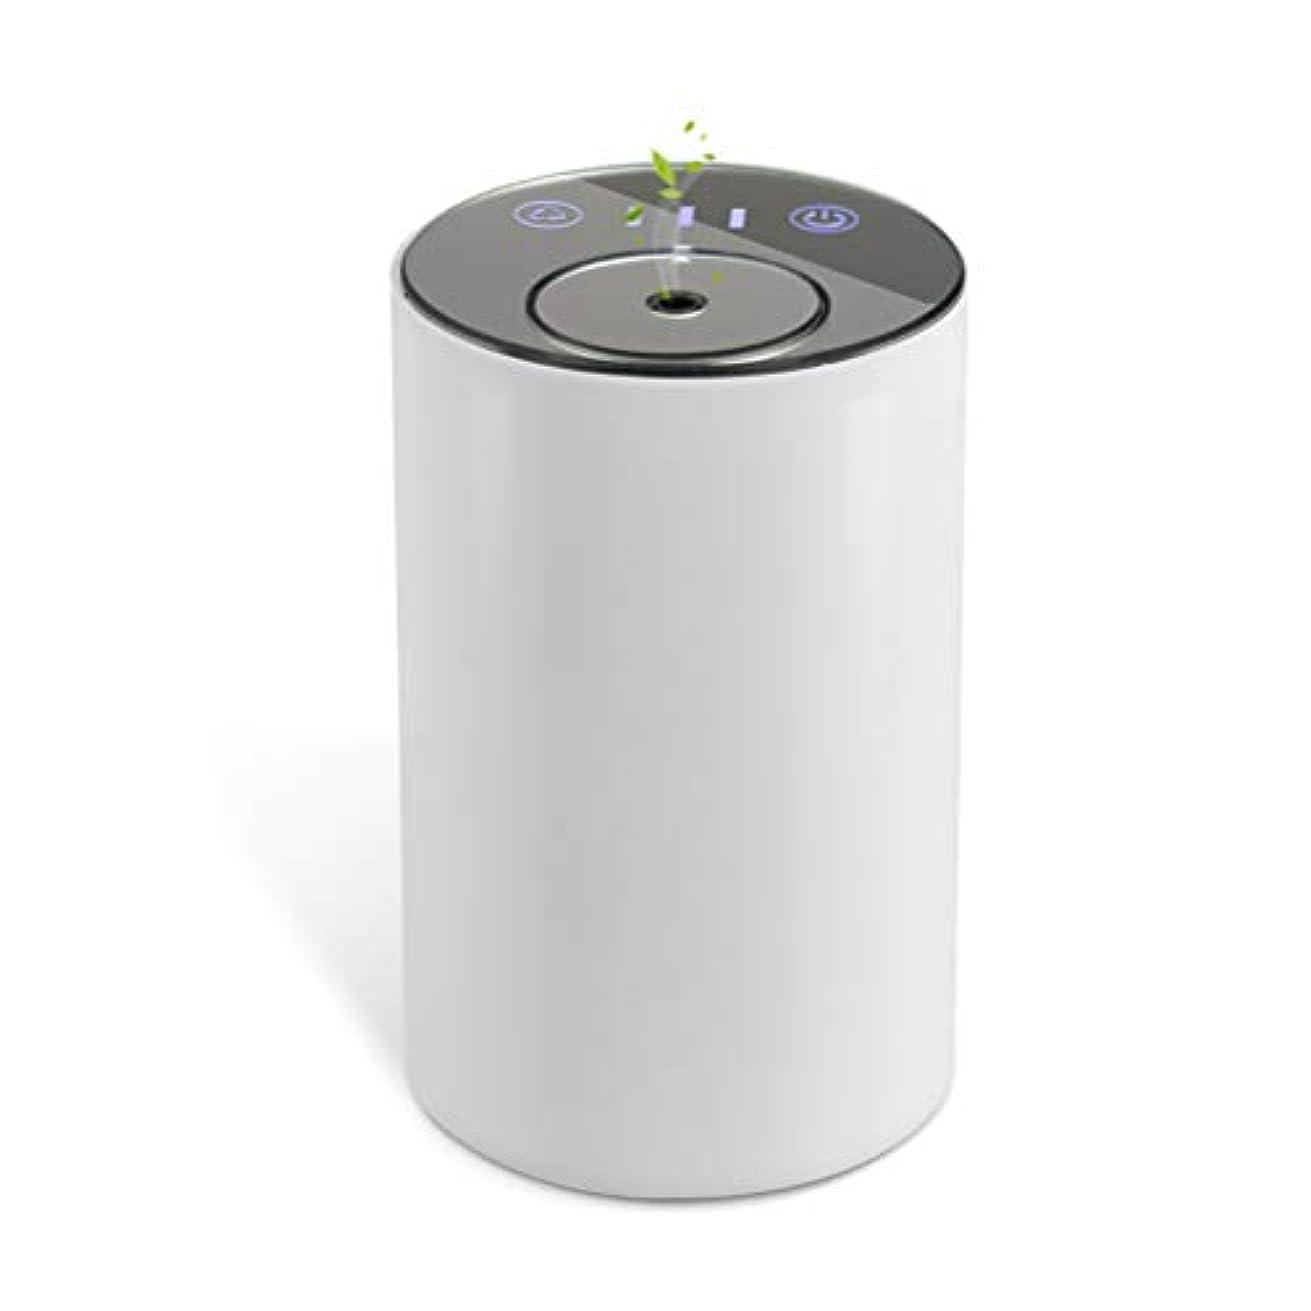 シェルターマイナス出血アロマディフューザー ネブライザー式 水なし 充電式 静音 噴霧 ミスト量調整可 タイマー機能 車用 エッセンシャルオイルの節約